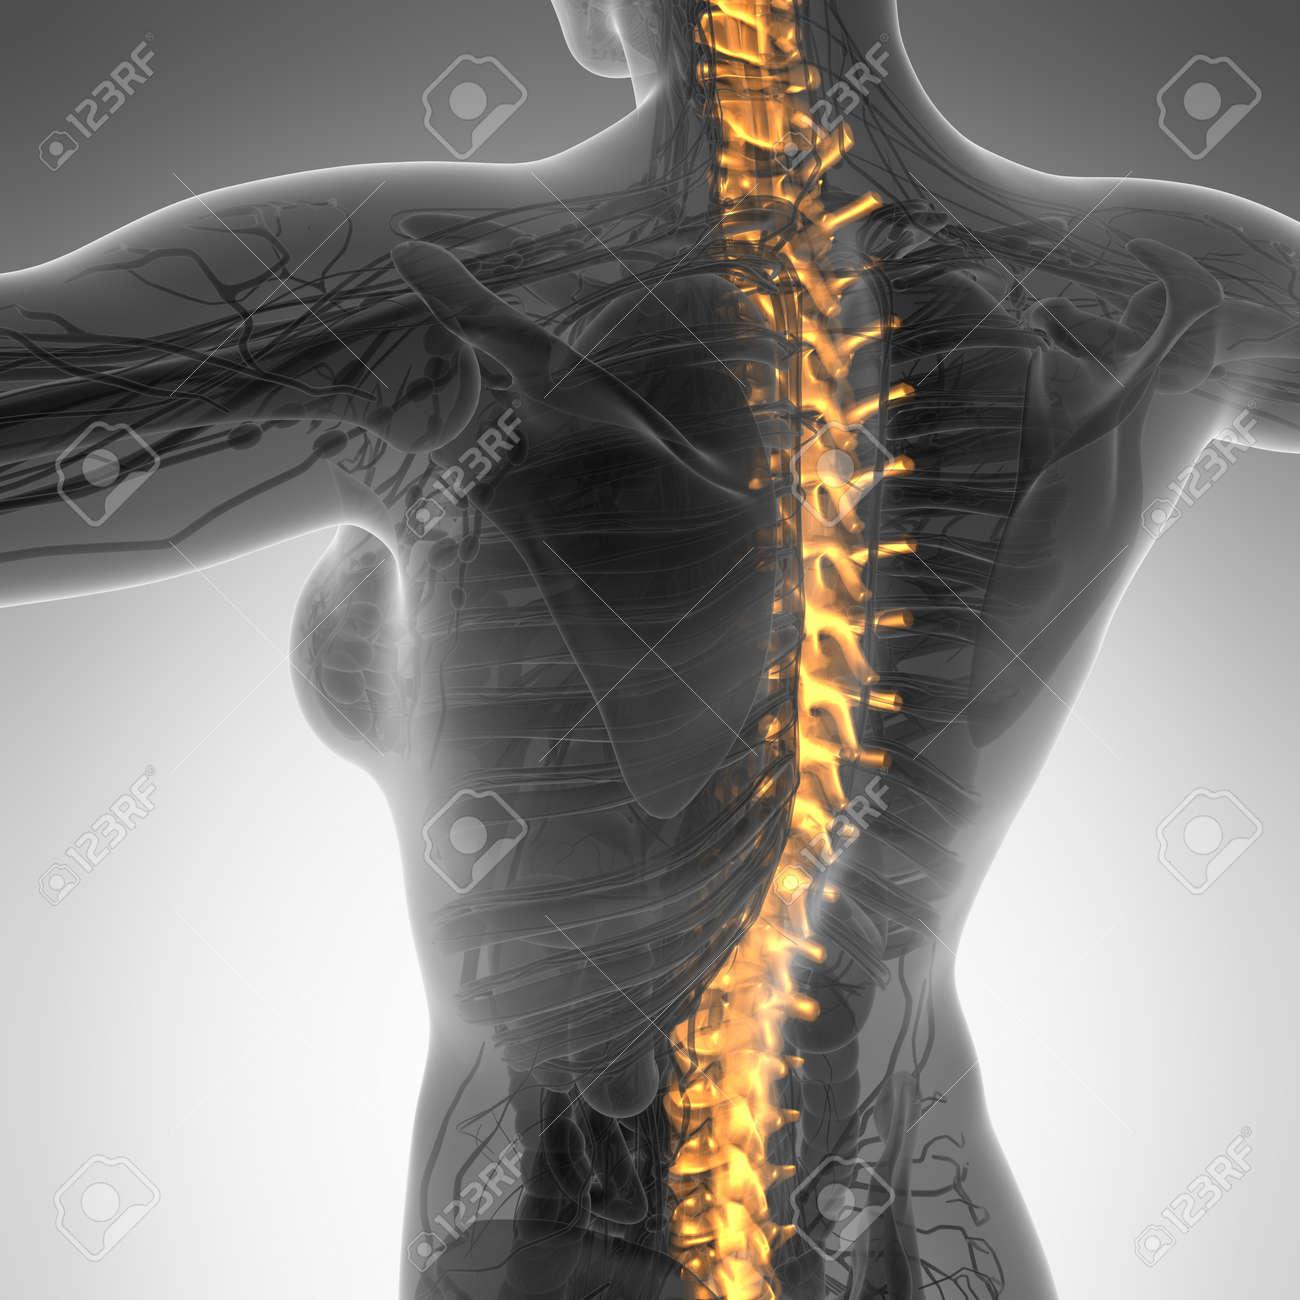 Menschliche Rückenschmerzen Und Rückenschmerzen Mit Einer Oberkörper ...